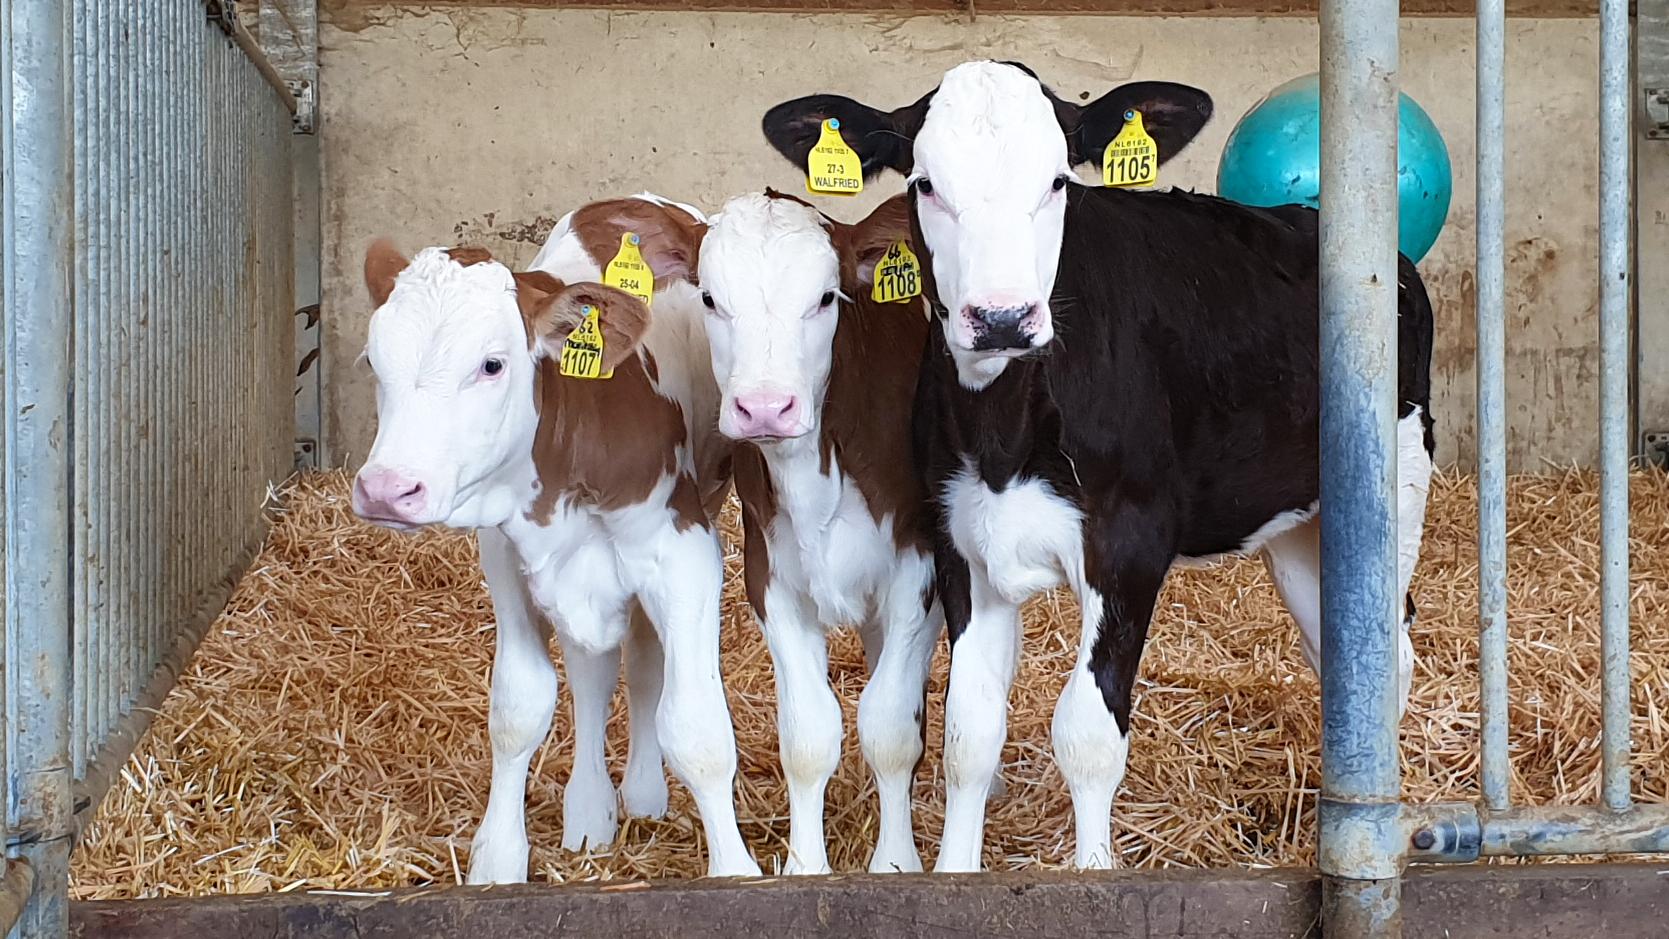 Nieuwsgierige speelse kalfjes die je uitdagend aankijken bij melktap heeswijk dinther